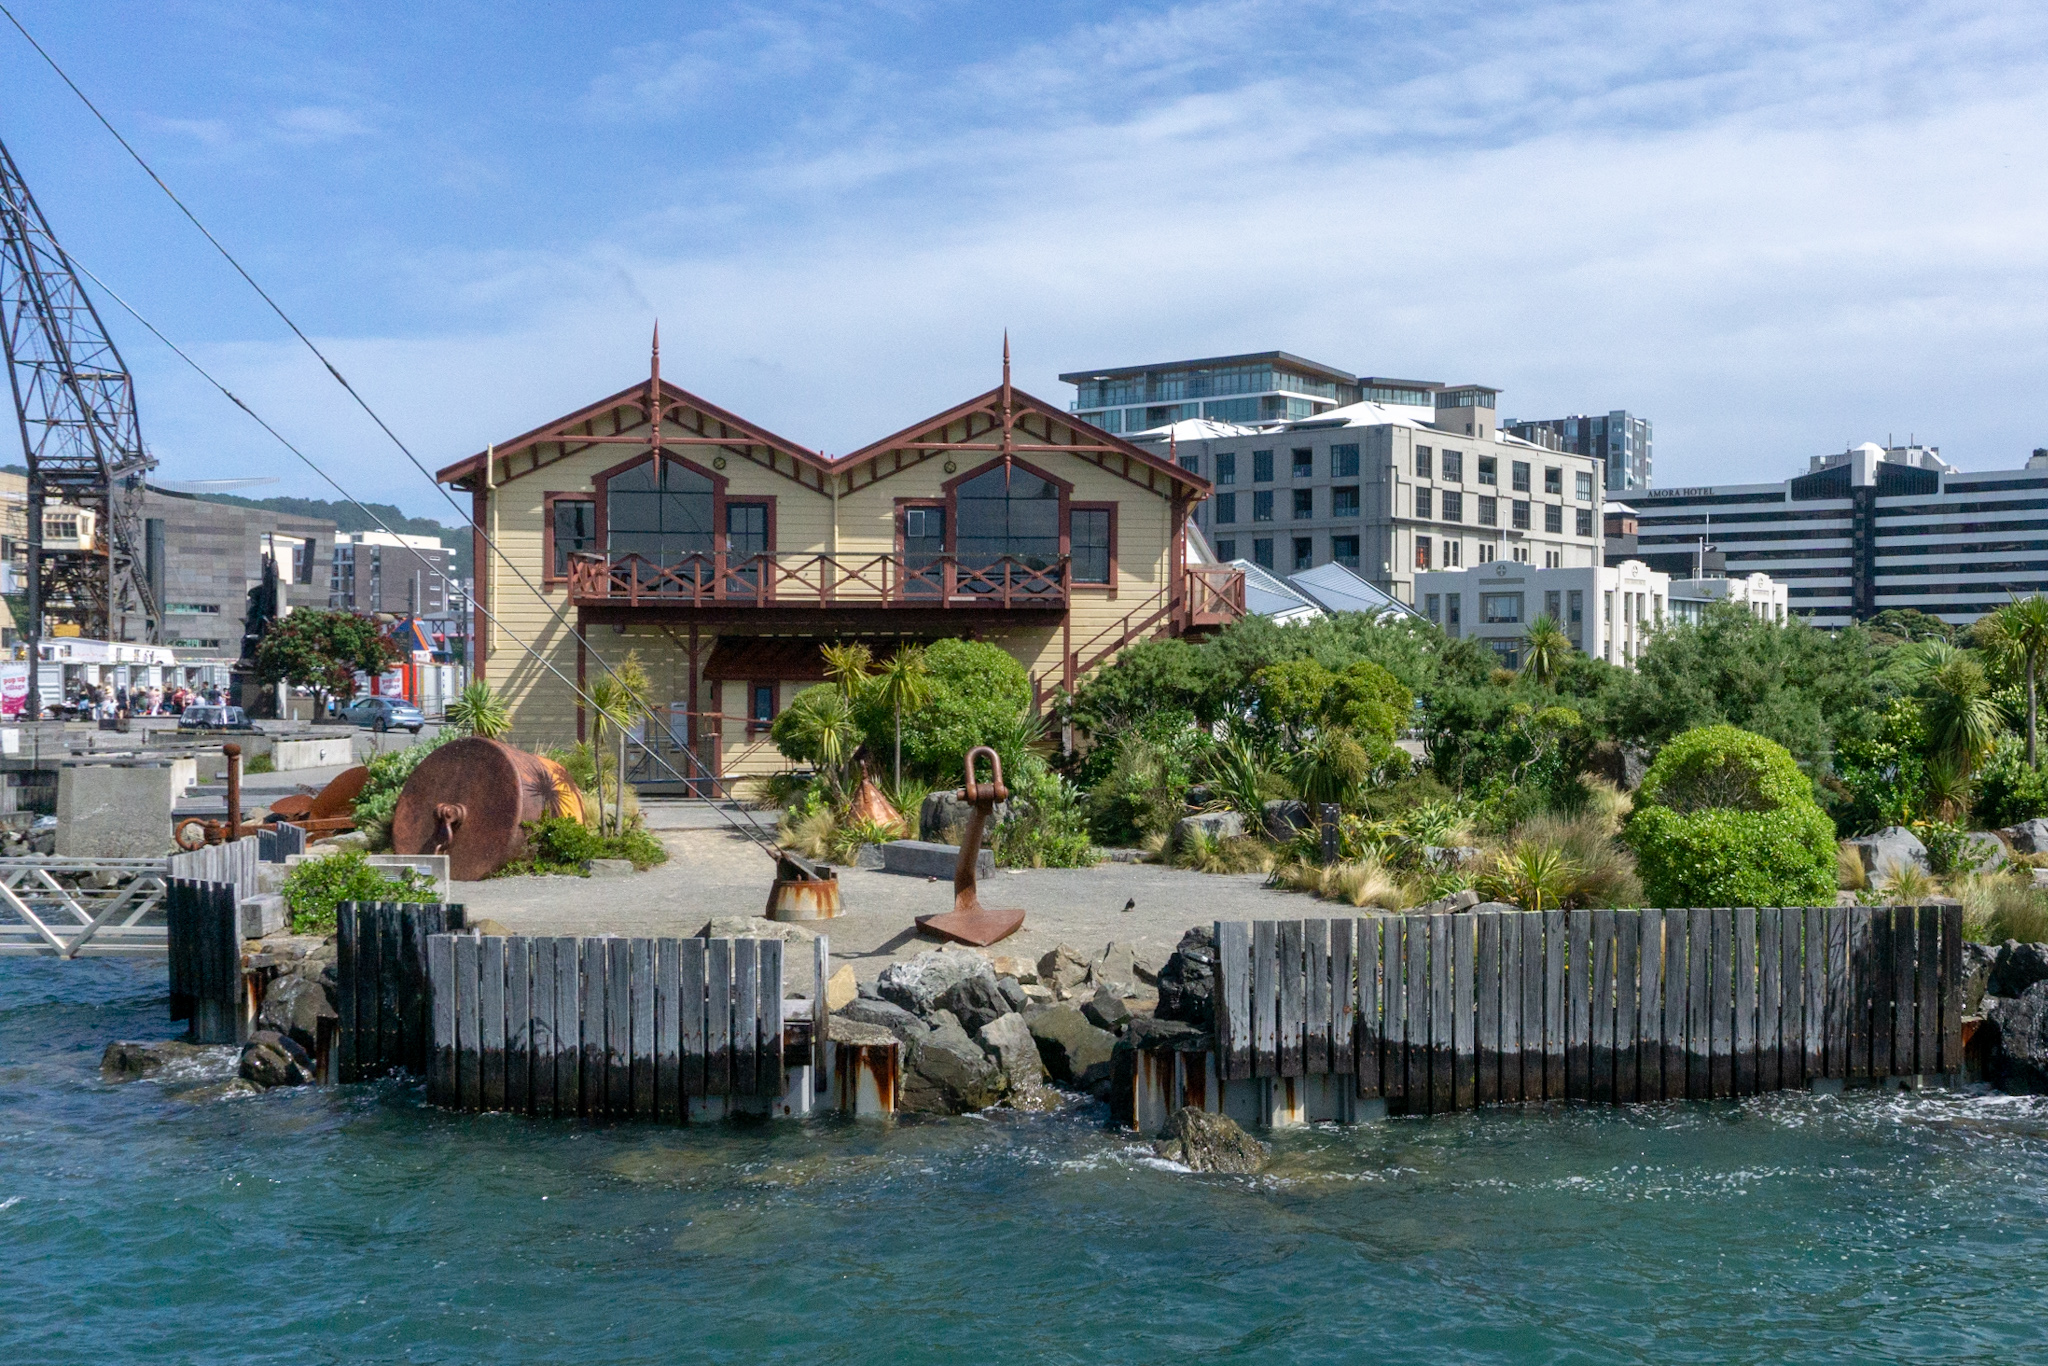 Spaziergang im Hafen von Wellington